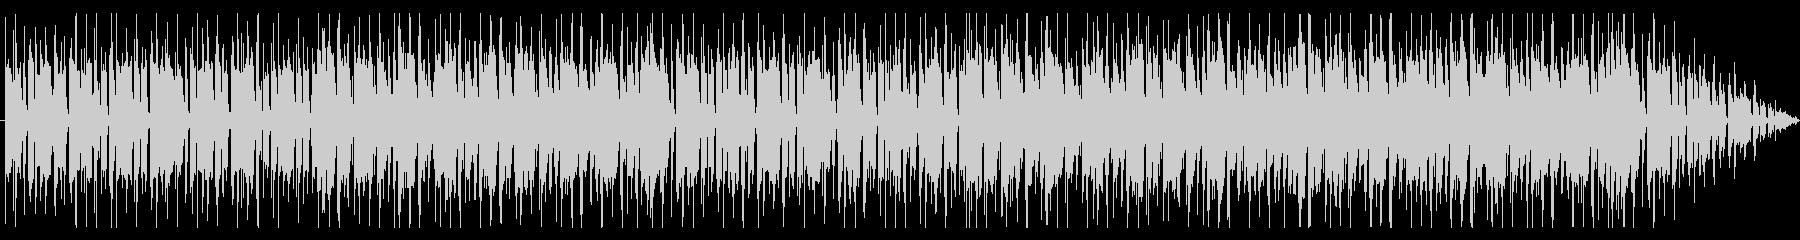 スラップベースが印象的なおしゃれBGMの未再生の波形